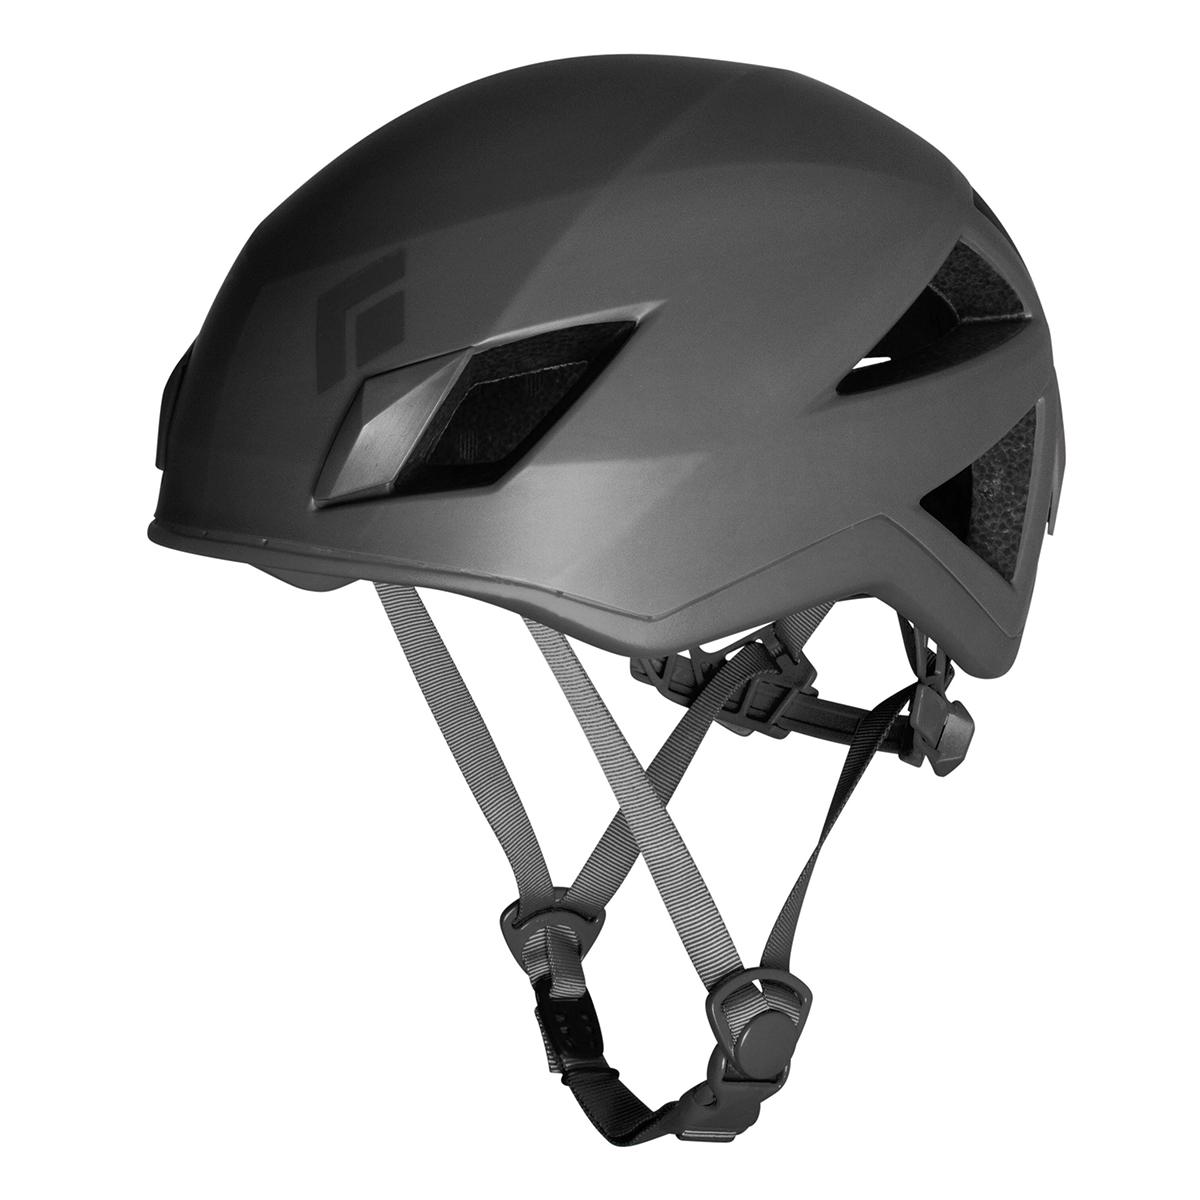 ブラックダイヤモンド(Black Diamond)ベクターヘルメット(Vector)カラー:ブラック